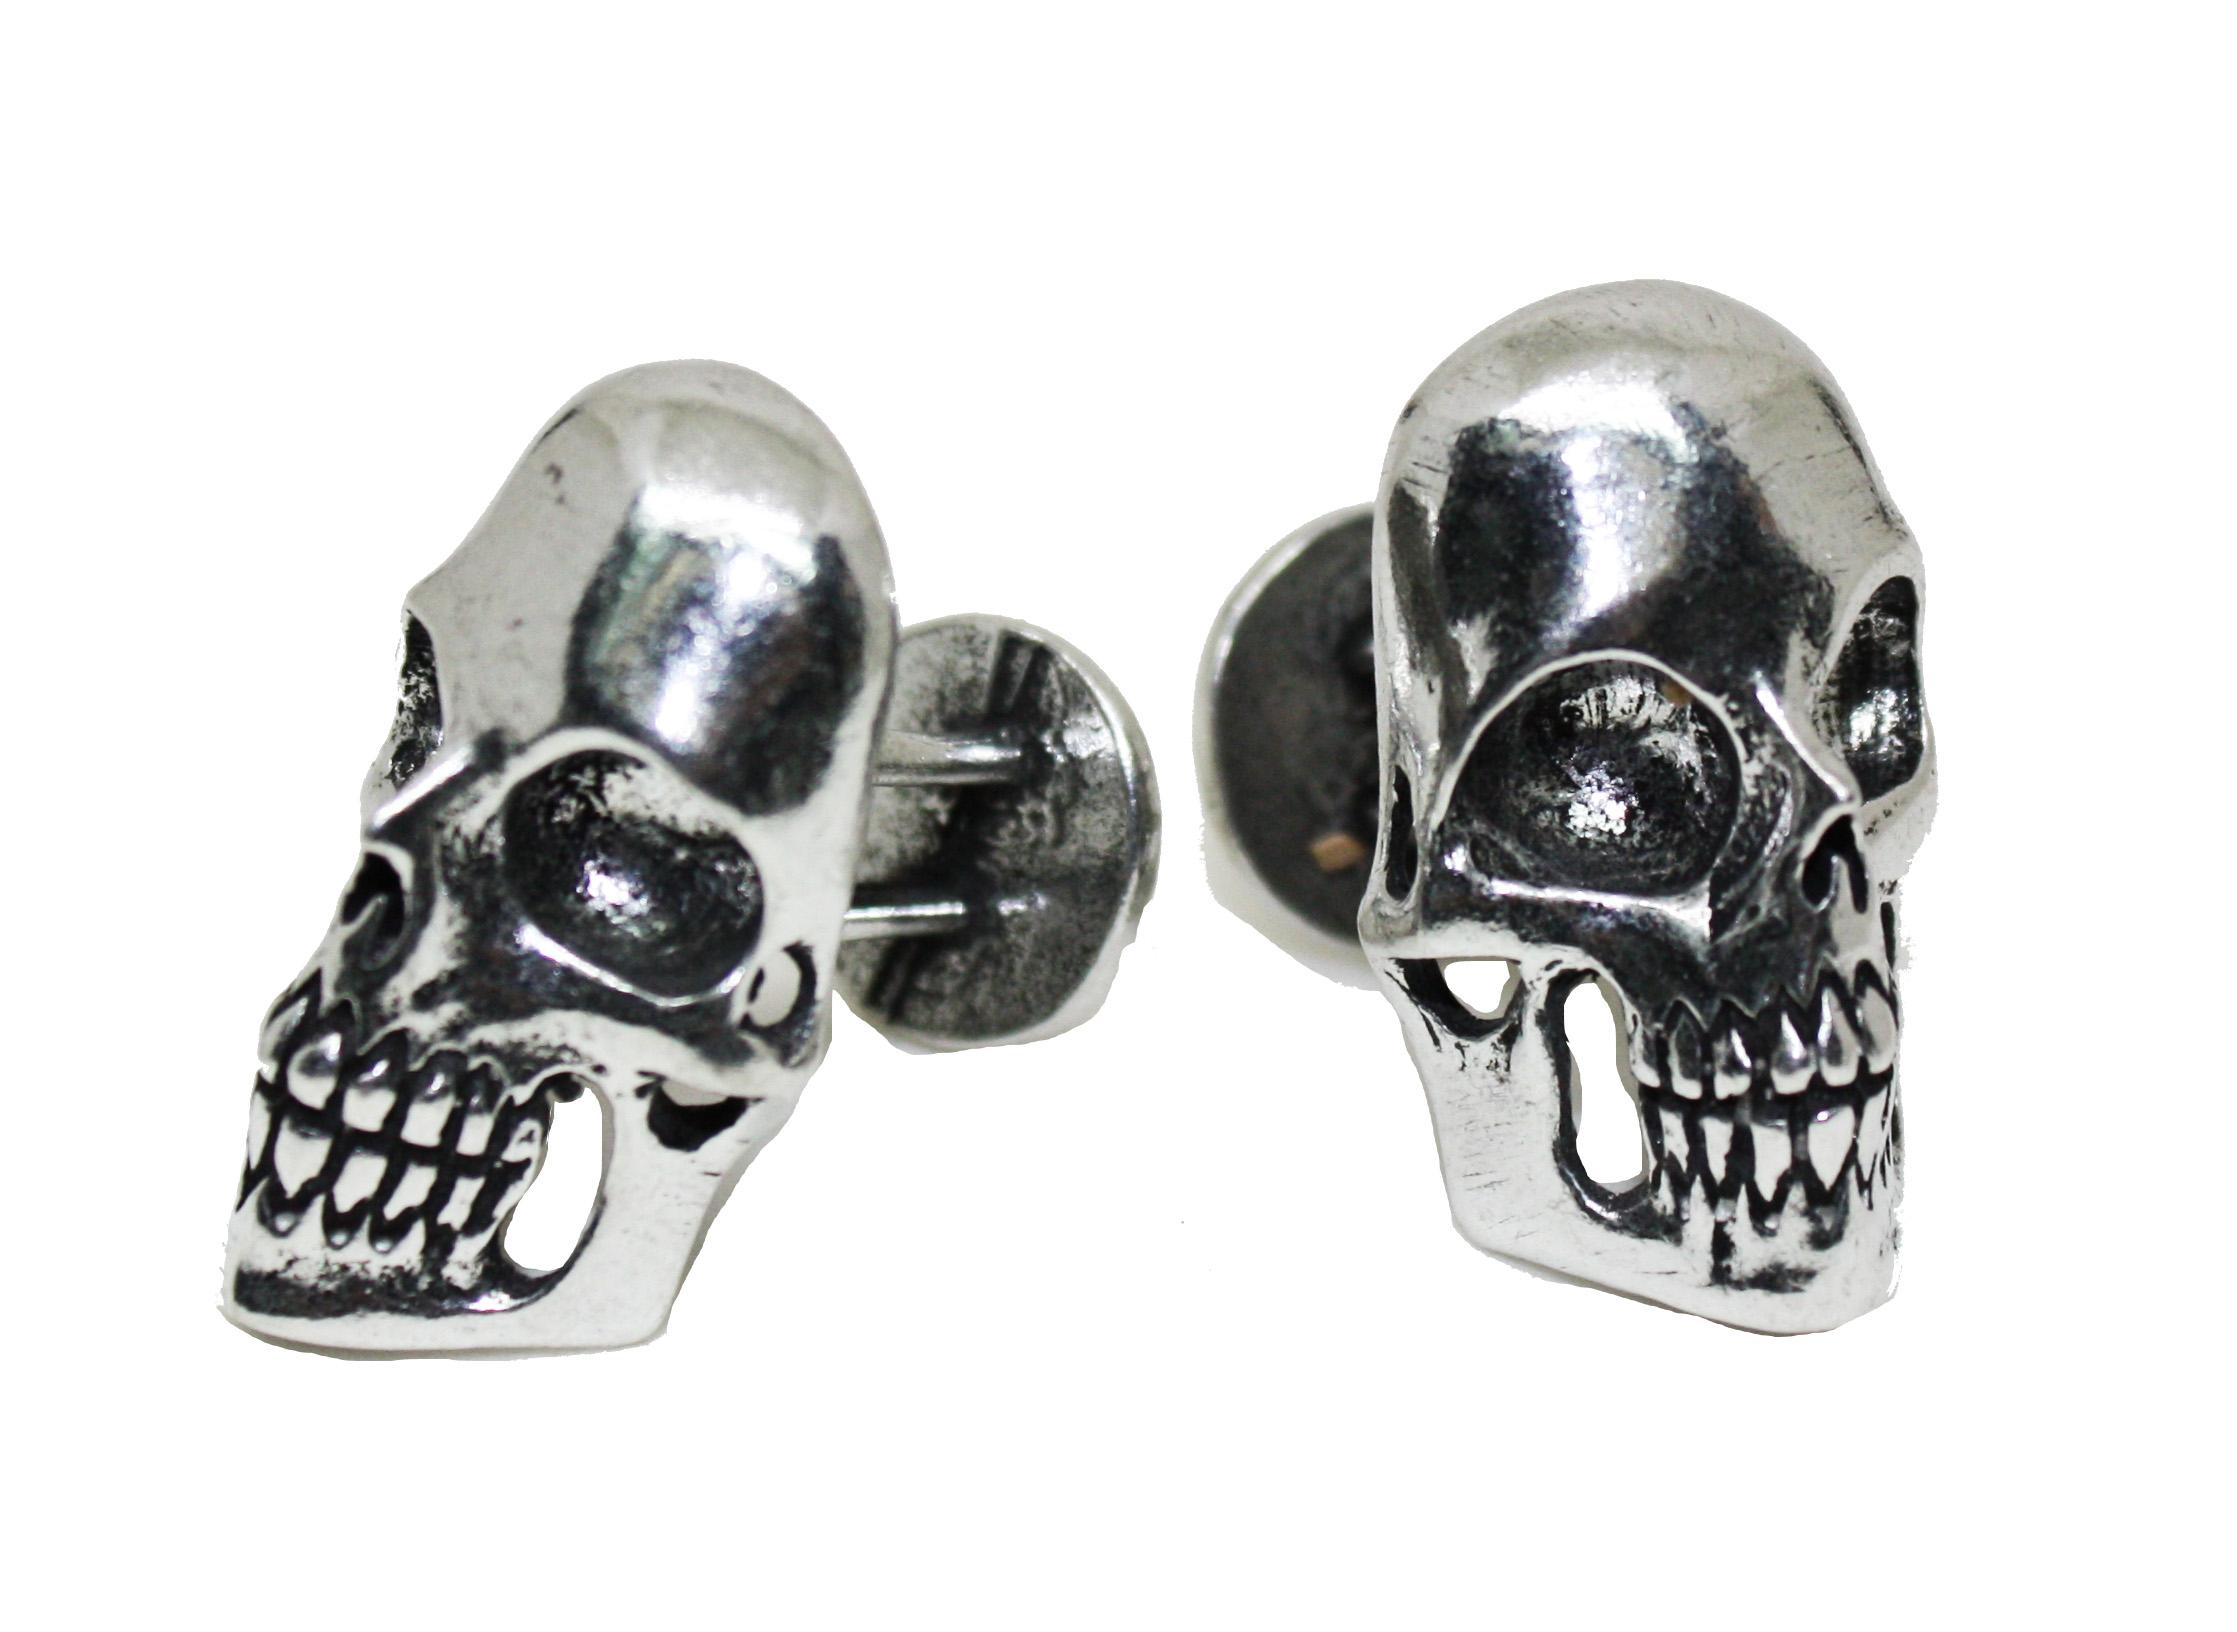 Business Skull Cufflinks - Pewter. MSRP $50